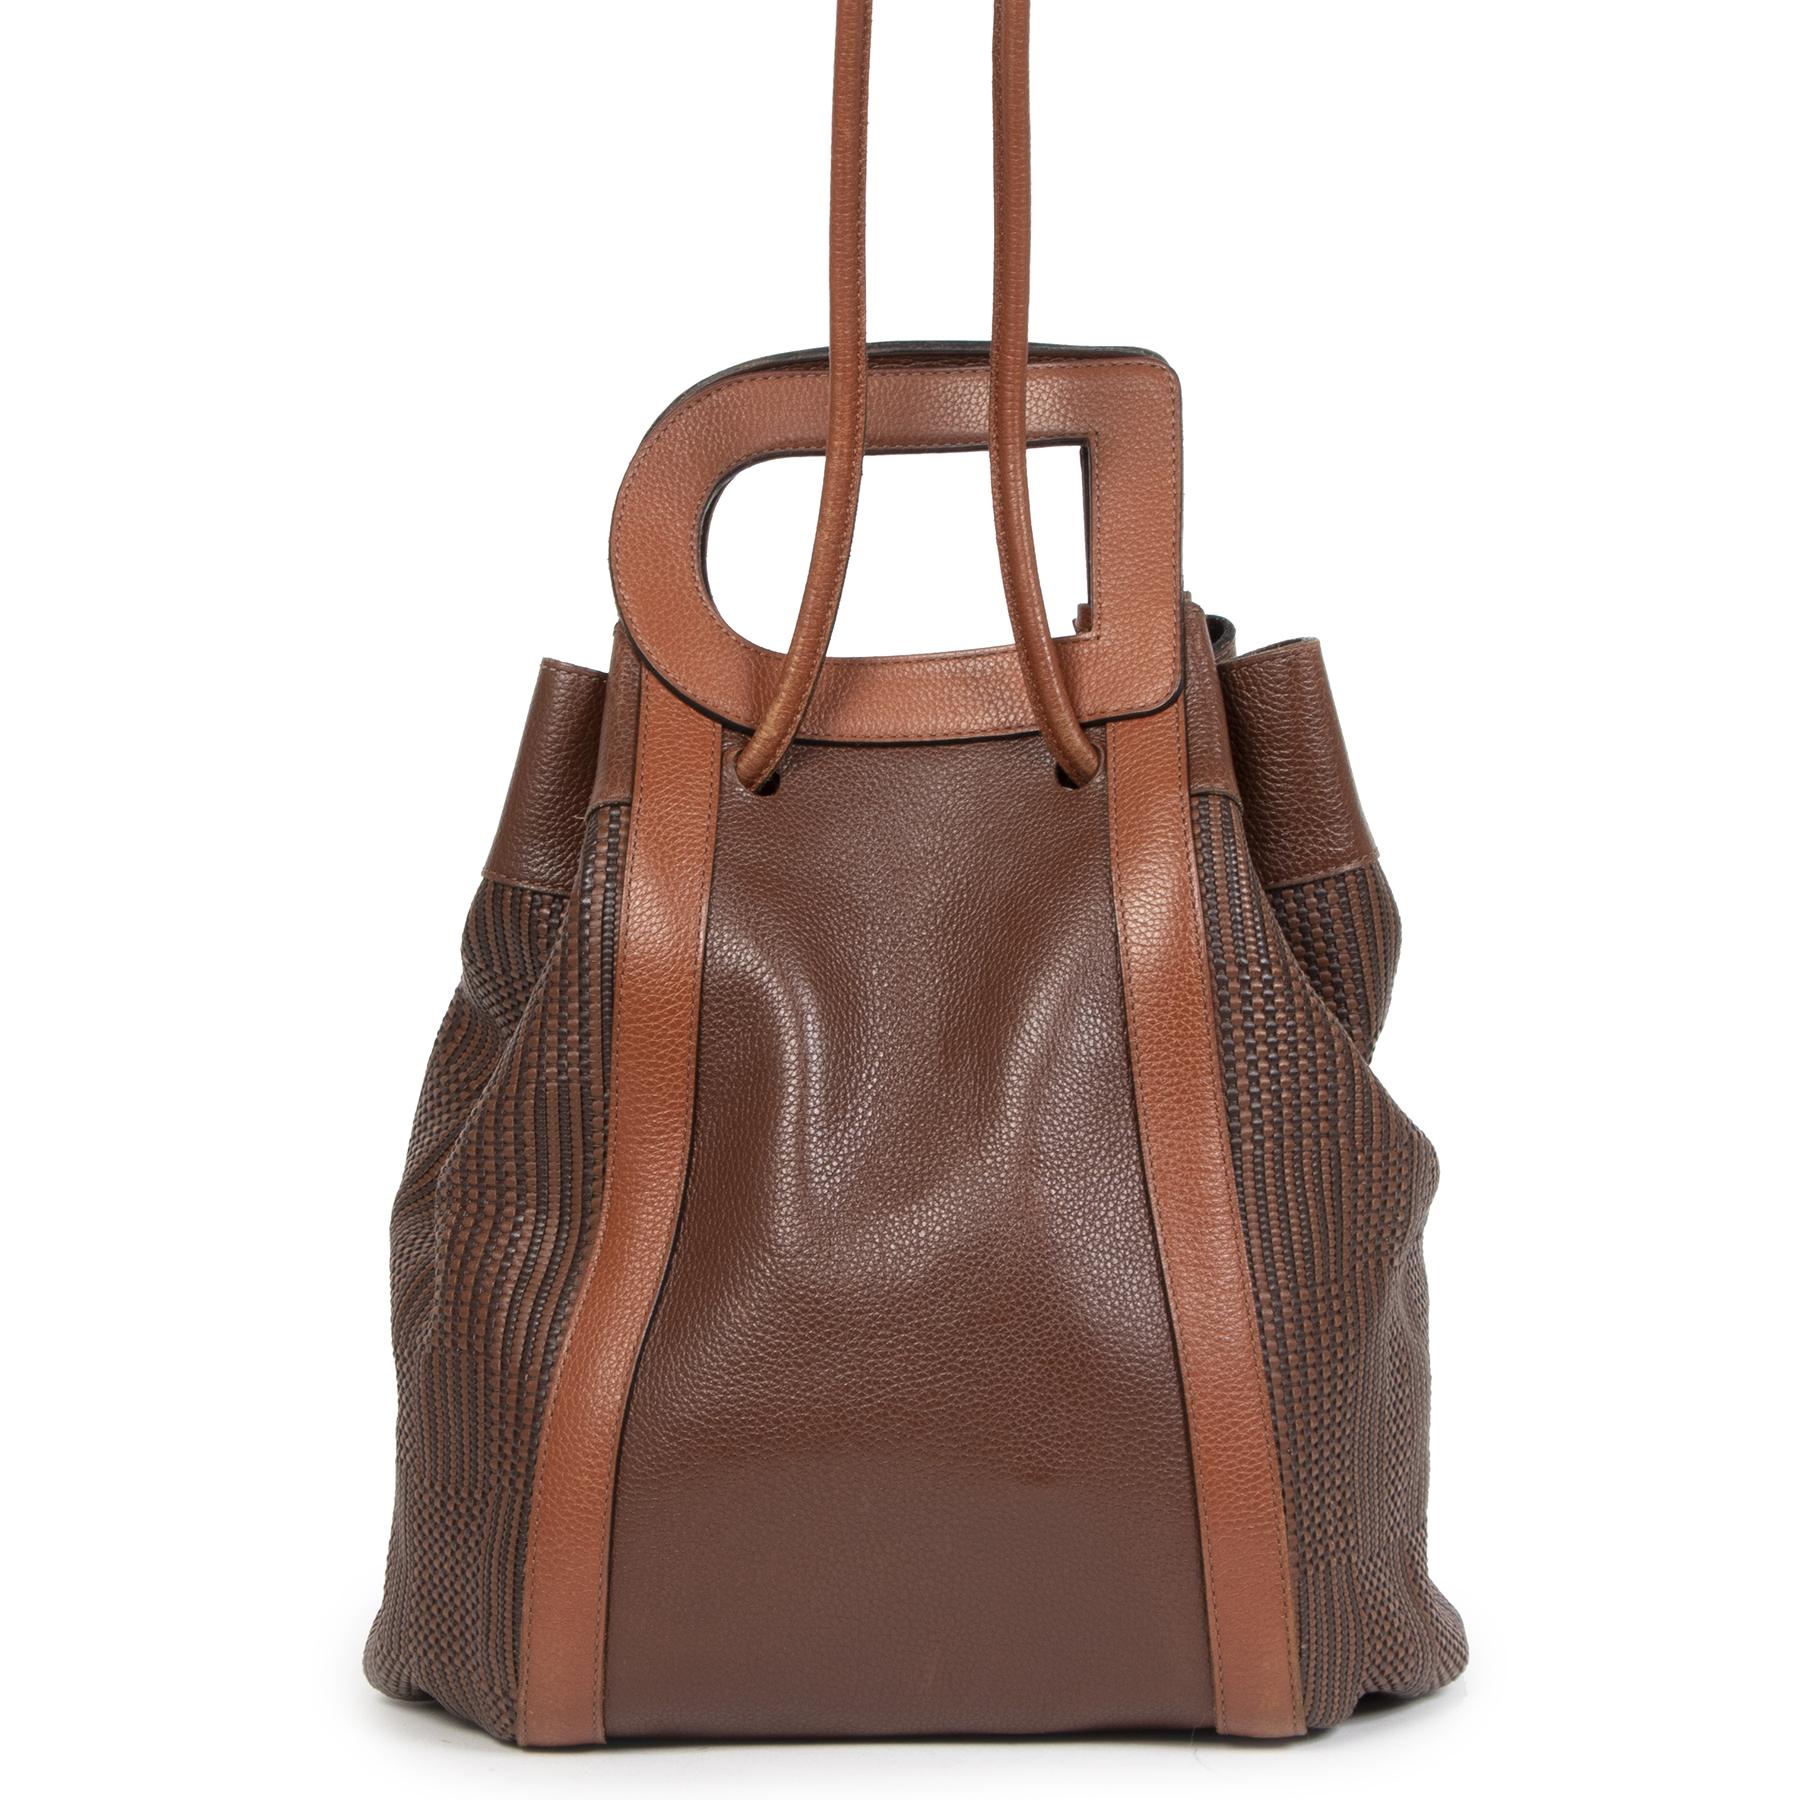 Authentique seconde-main vintage Delvaux Camel Caraïbes Toile De Cuir Bag achète en ligne webshop LabelLOV